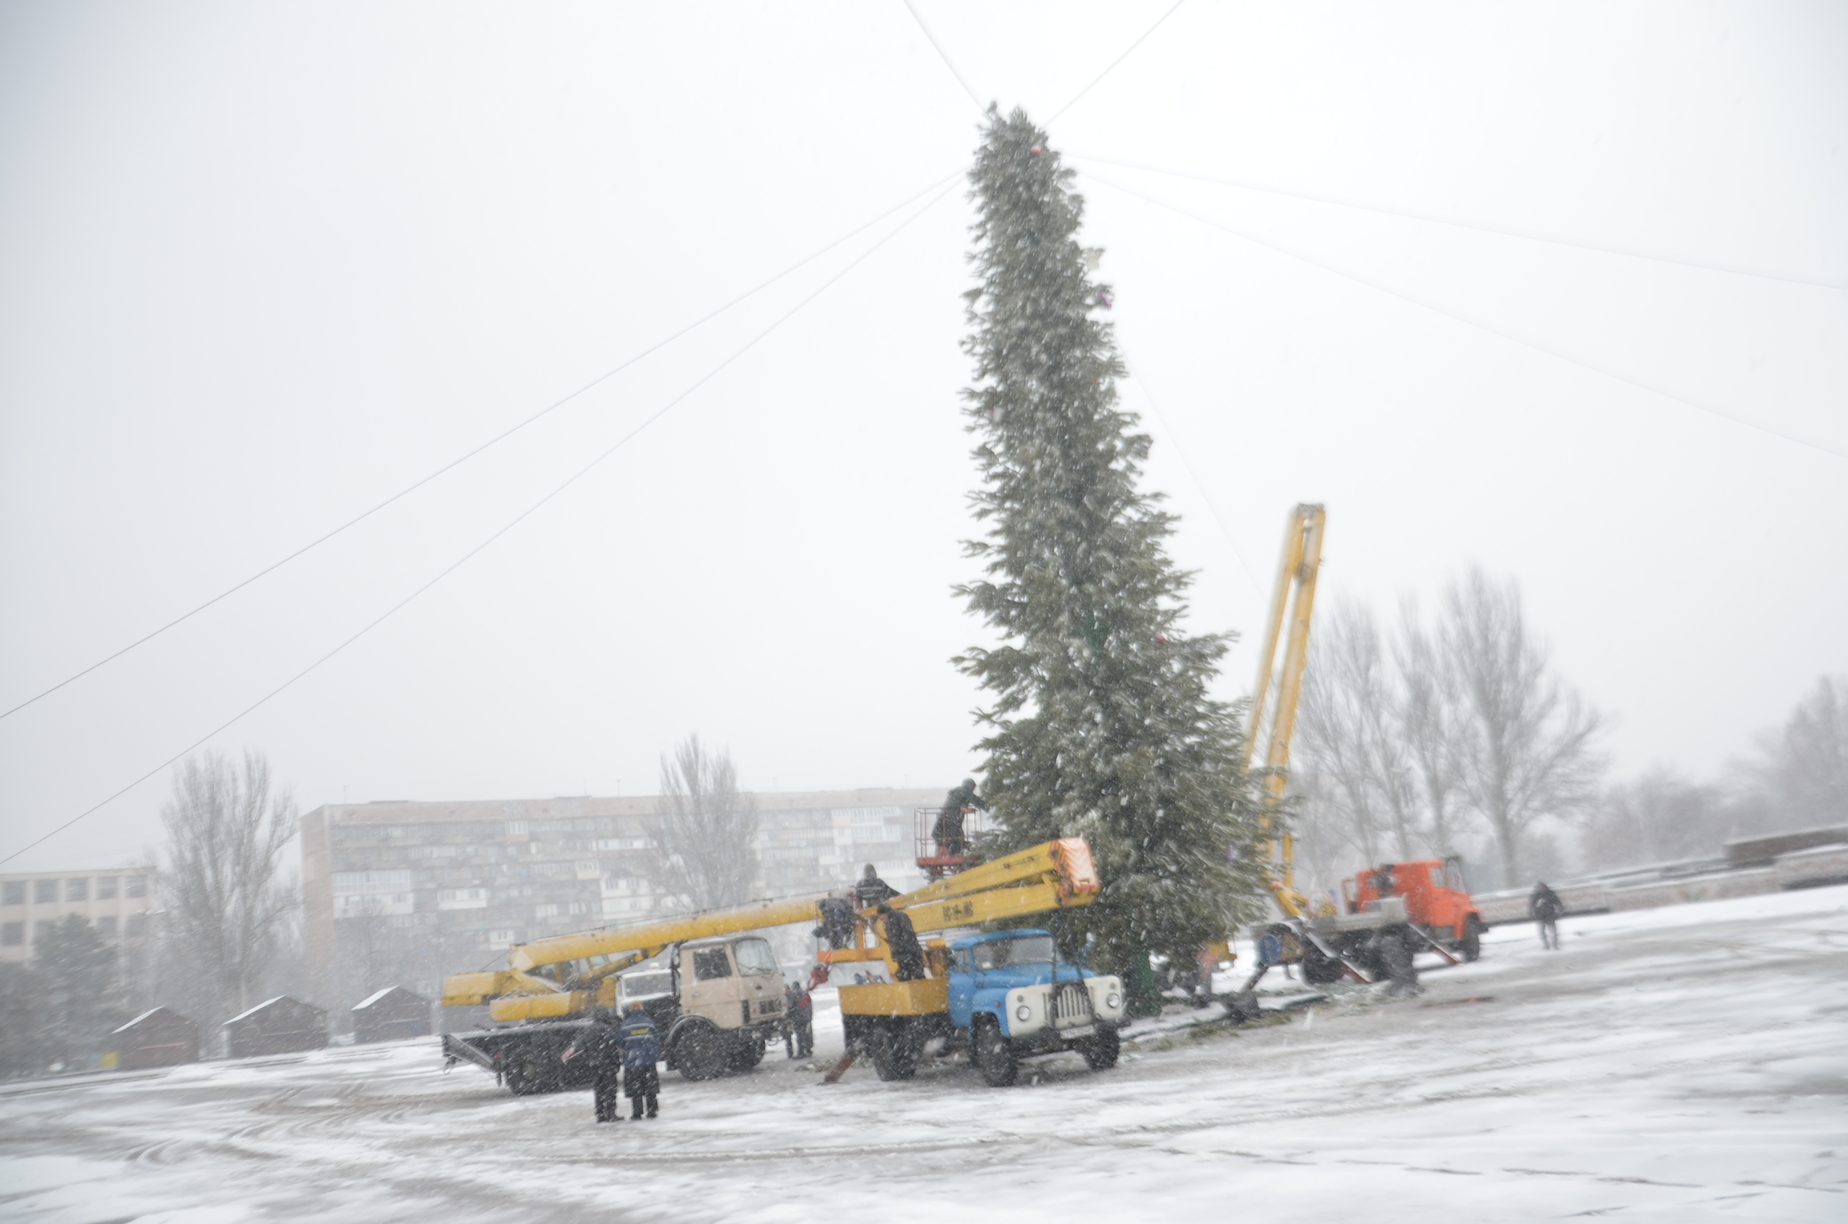 На площади Фестивальной демонтируют новогодний городок и главную елку - ФОТО